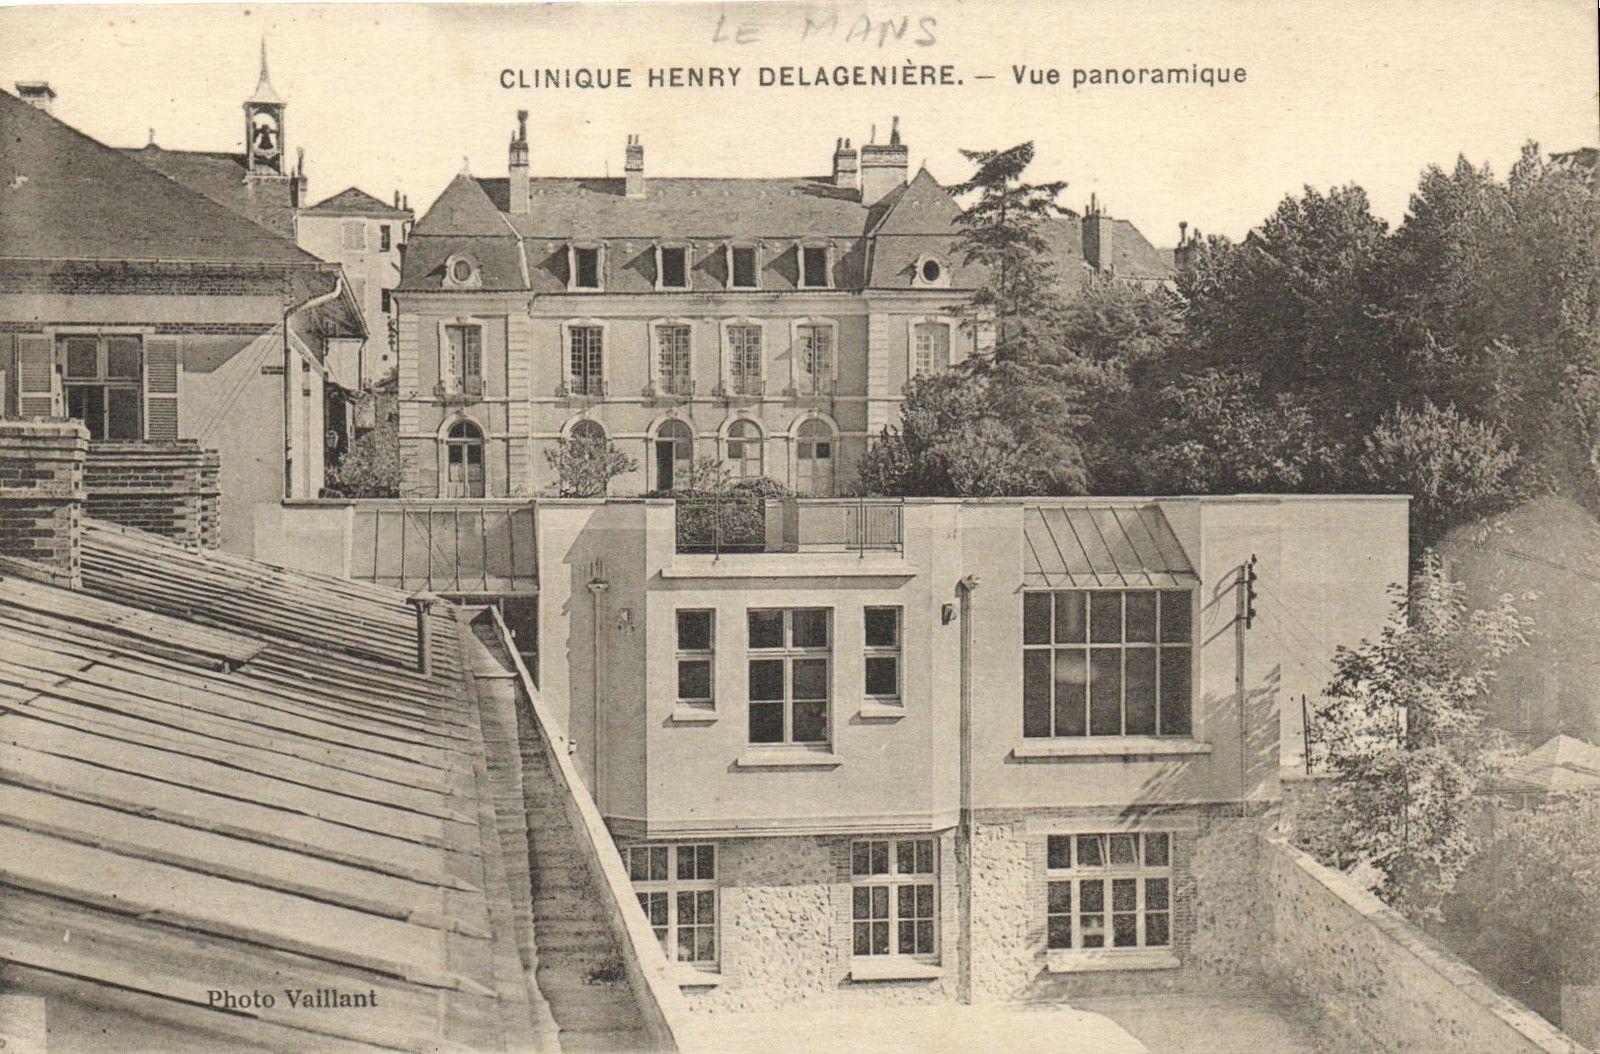 Le Mans - Clinique Henry Delagenière - Vue panoramique